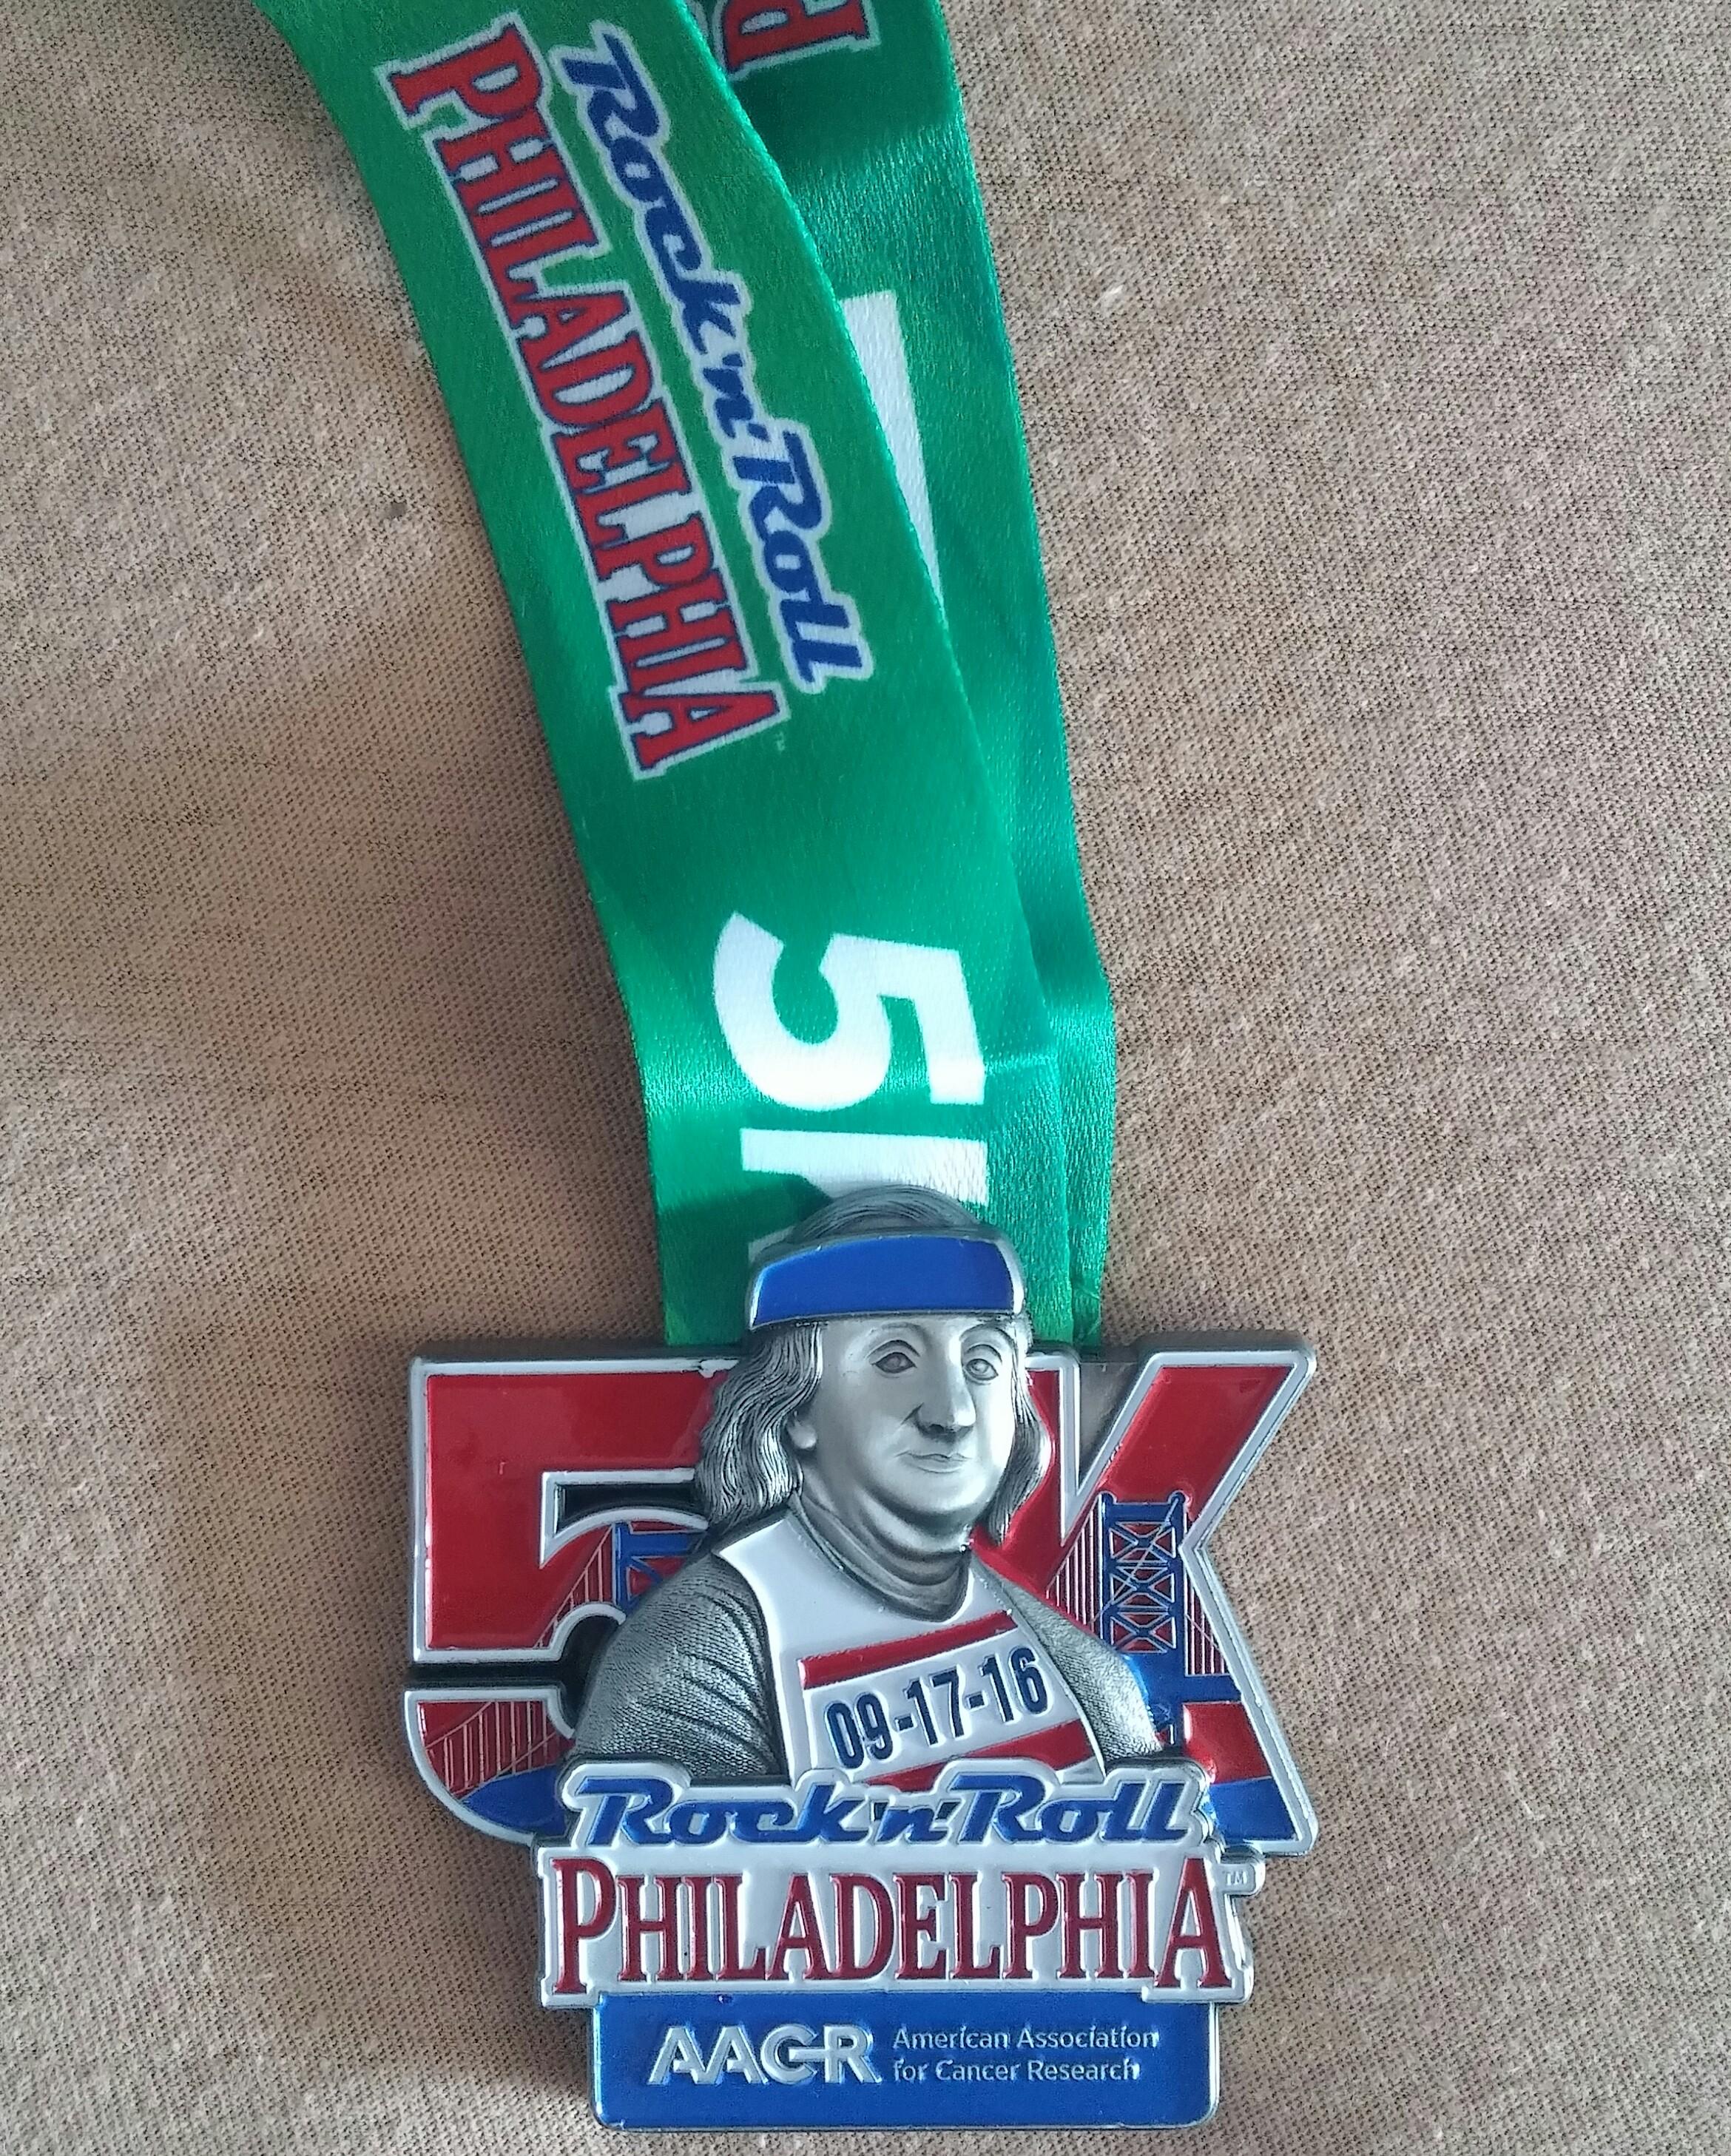 philly-5k-medal-2016